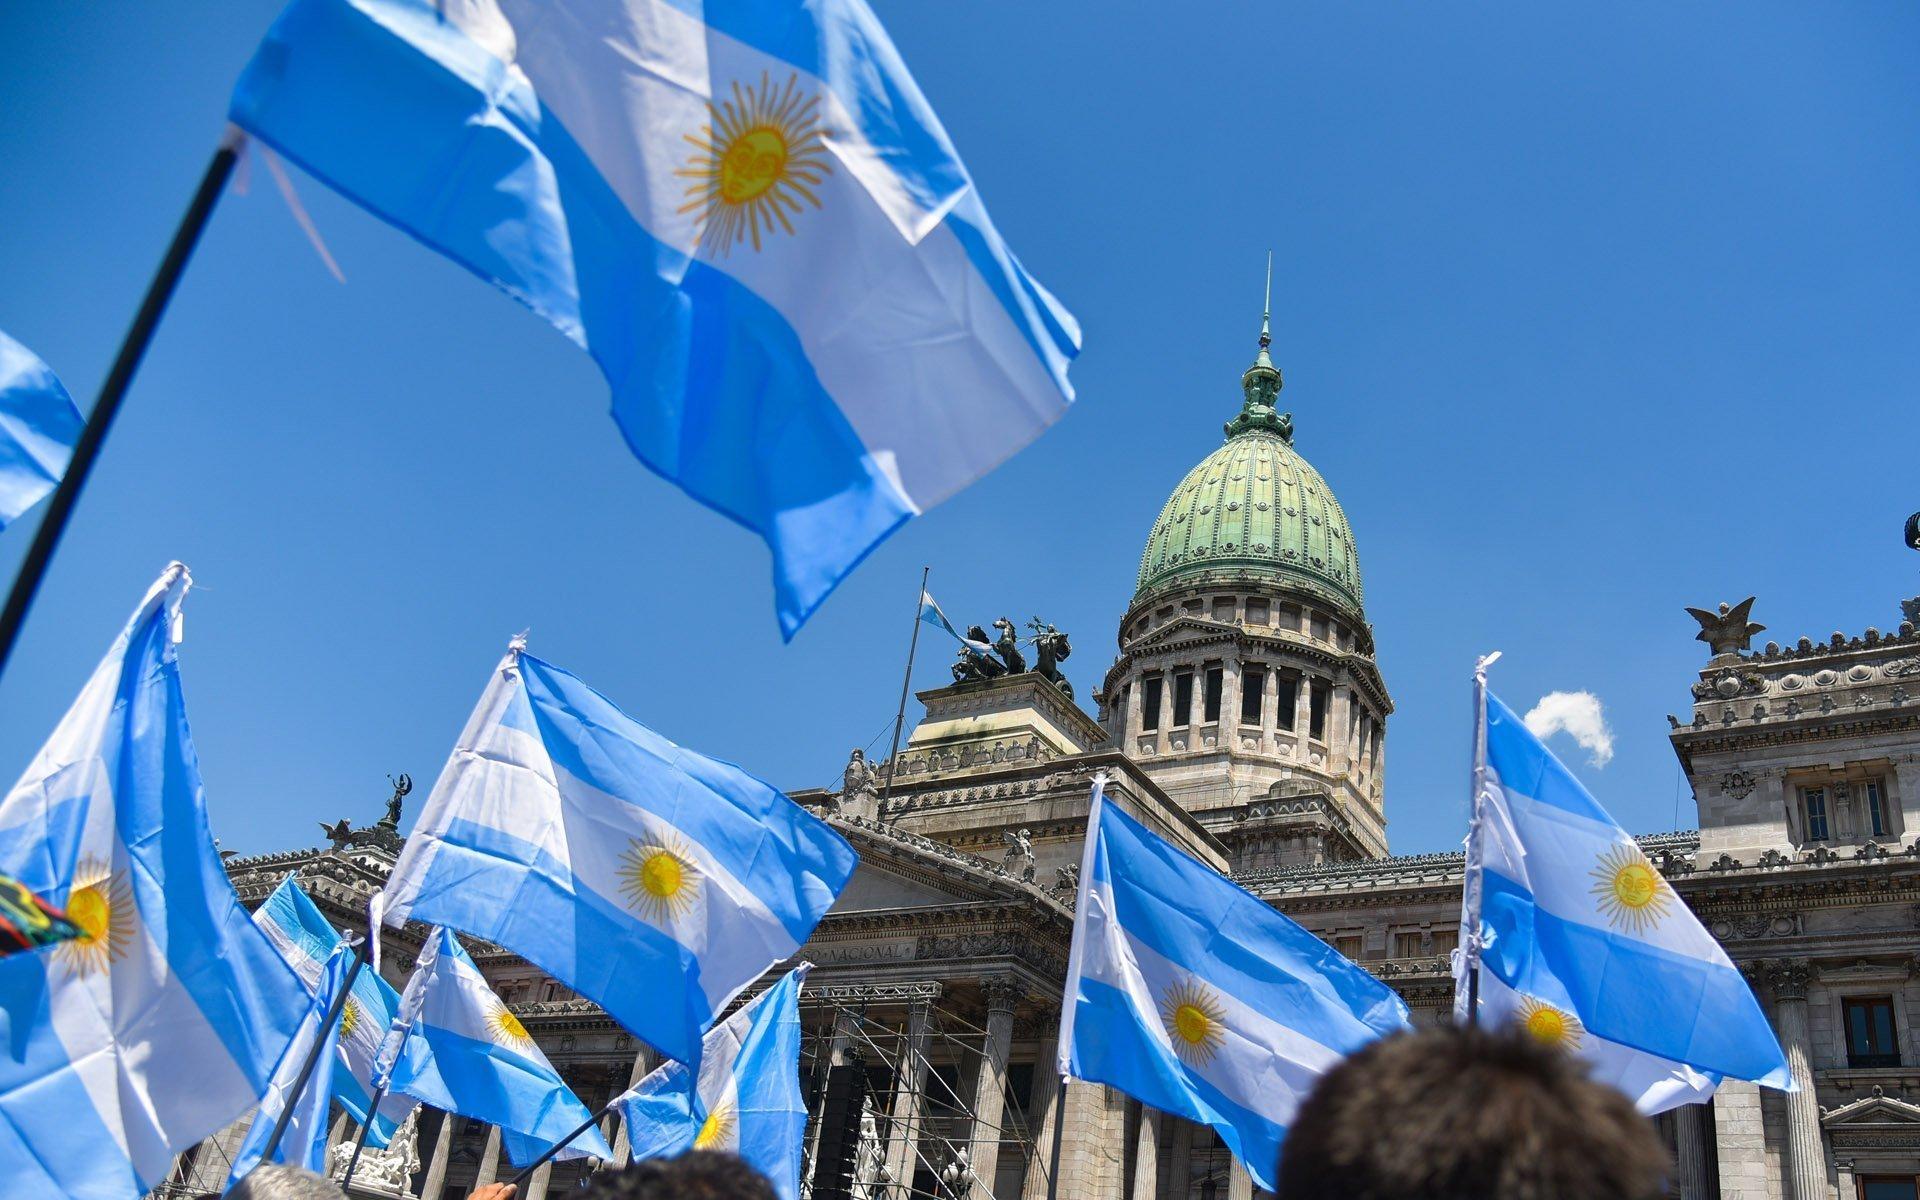 Argentina. Quiero una Iglesia separada del Estado, para no ver abrazos con el demonio ni dictaduras apoyadas en Cristo - 5G2KXEZNANBWLGXNH67TBYZRYA